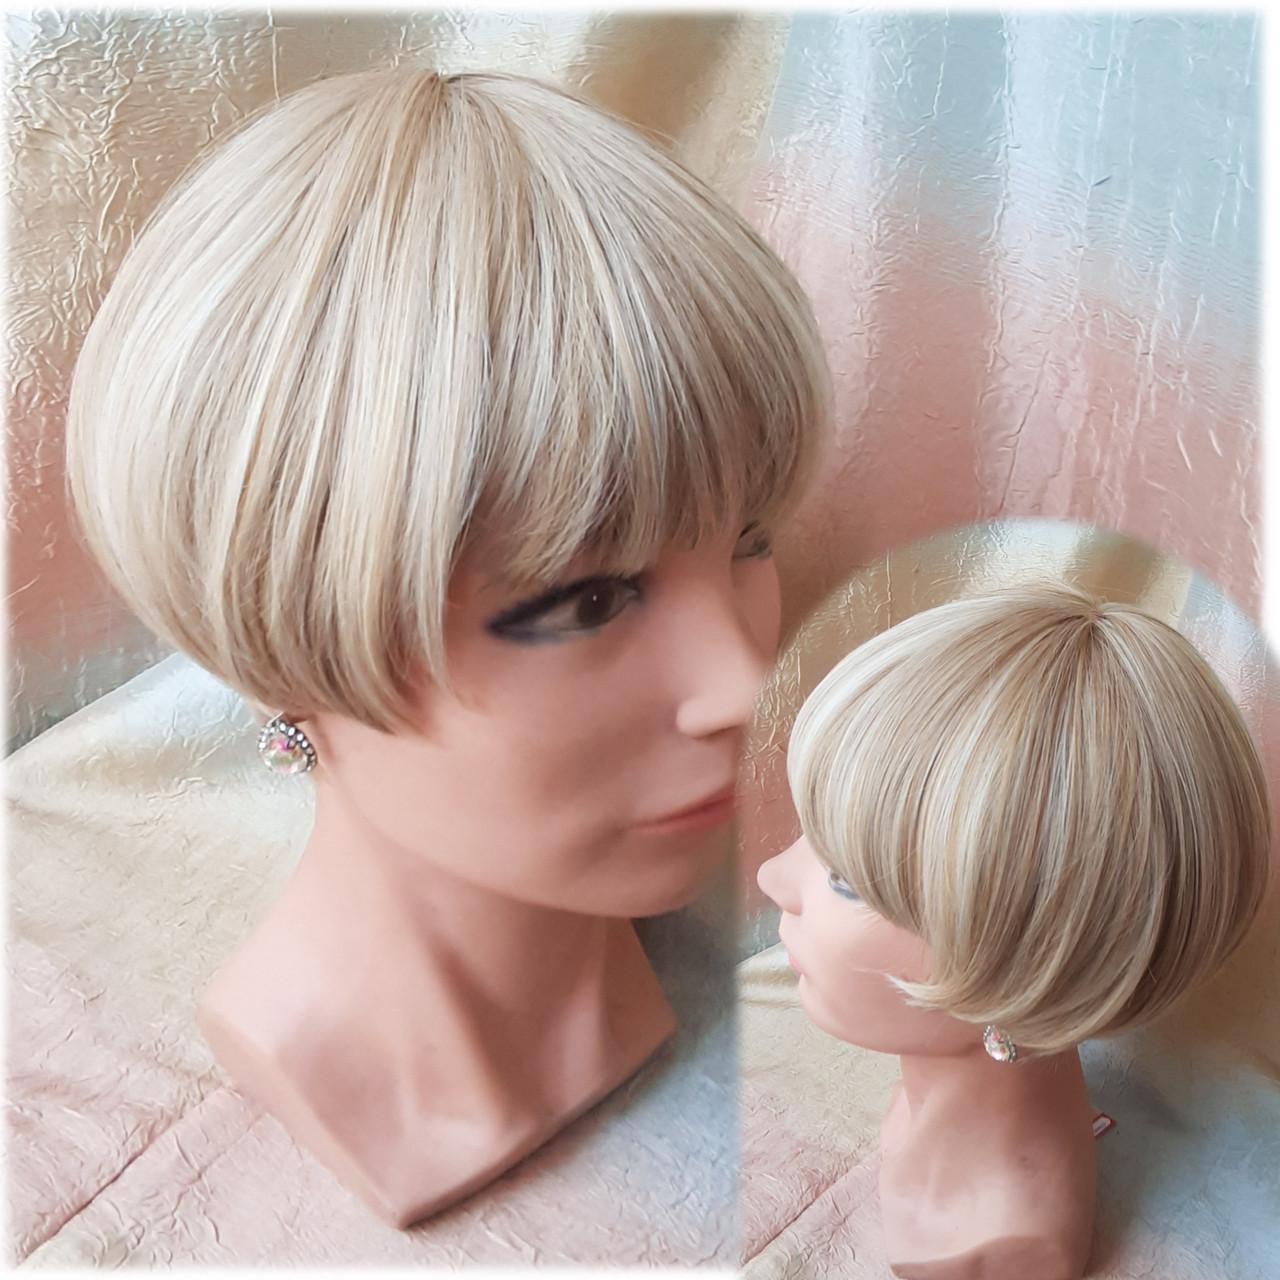 Парик боб-каре прямое термоволос пшеничный блонд 2724t-24H613